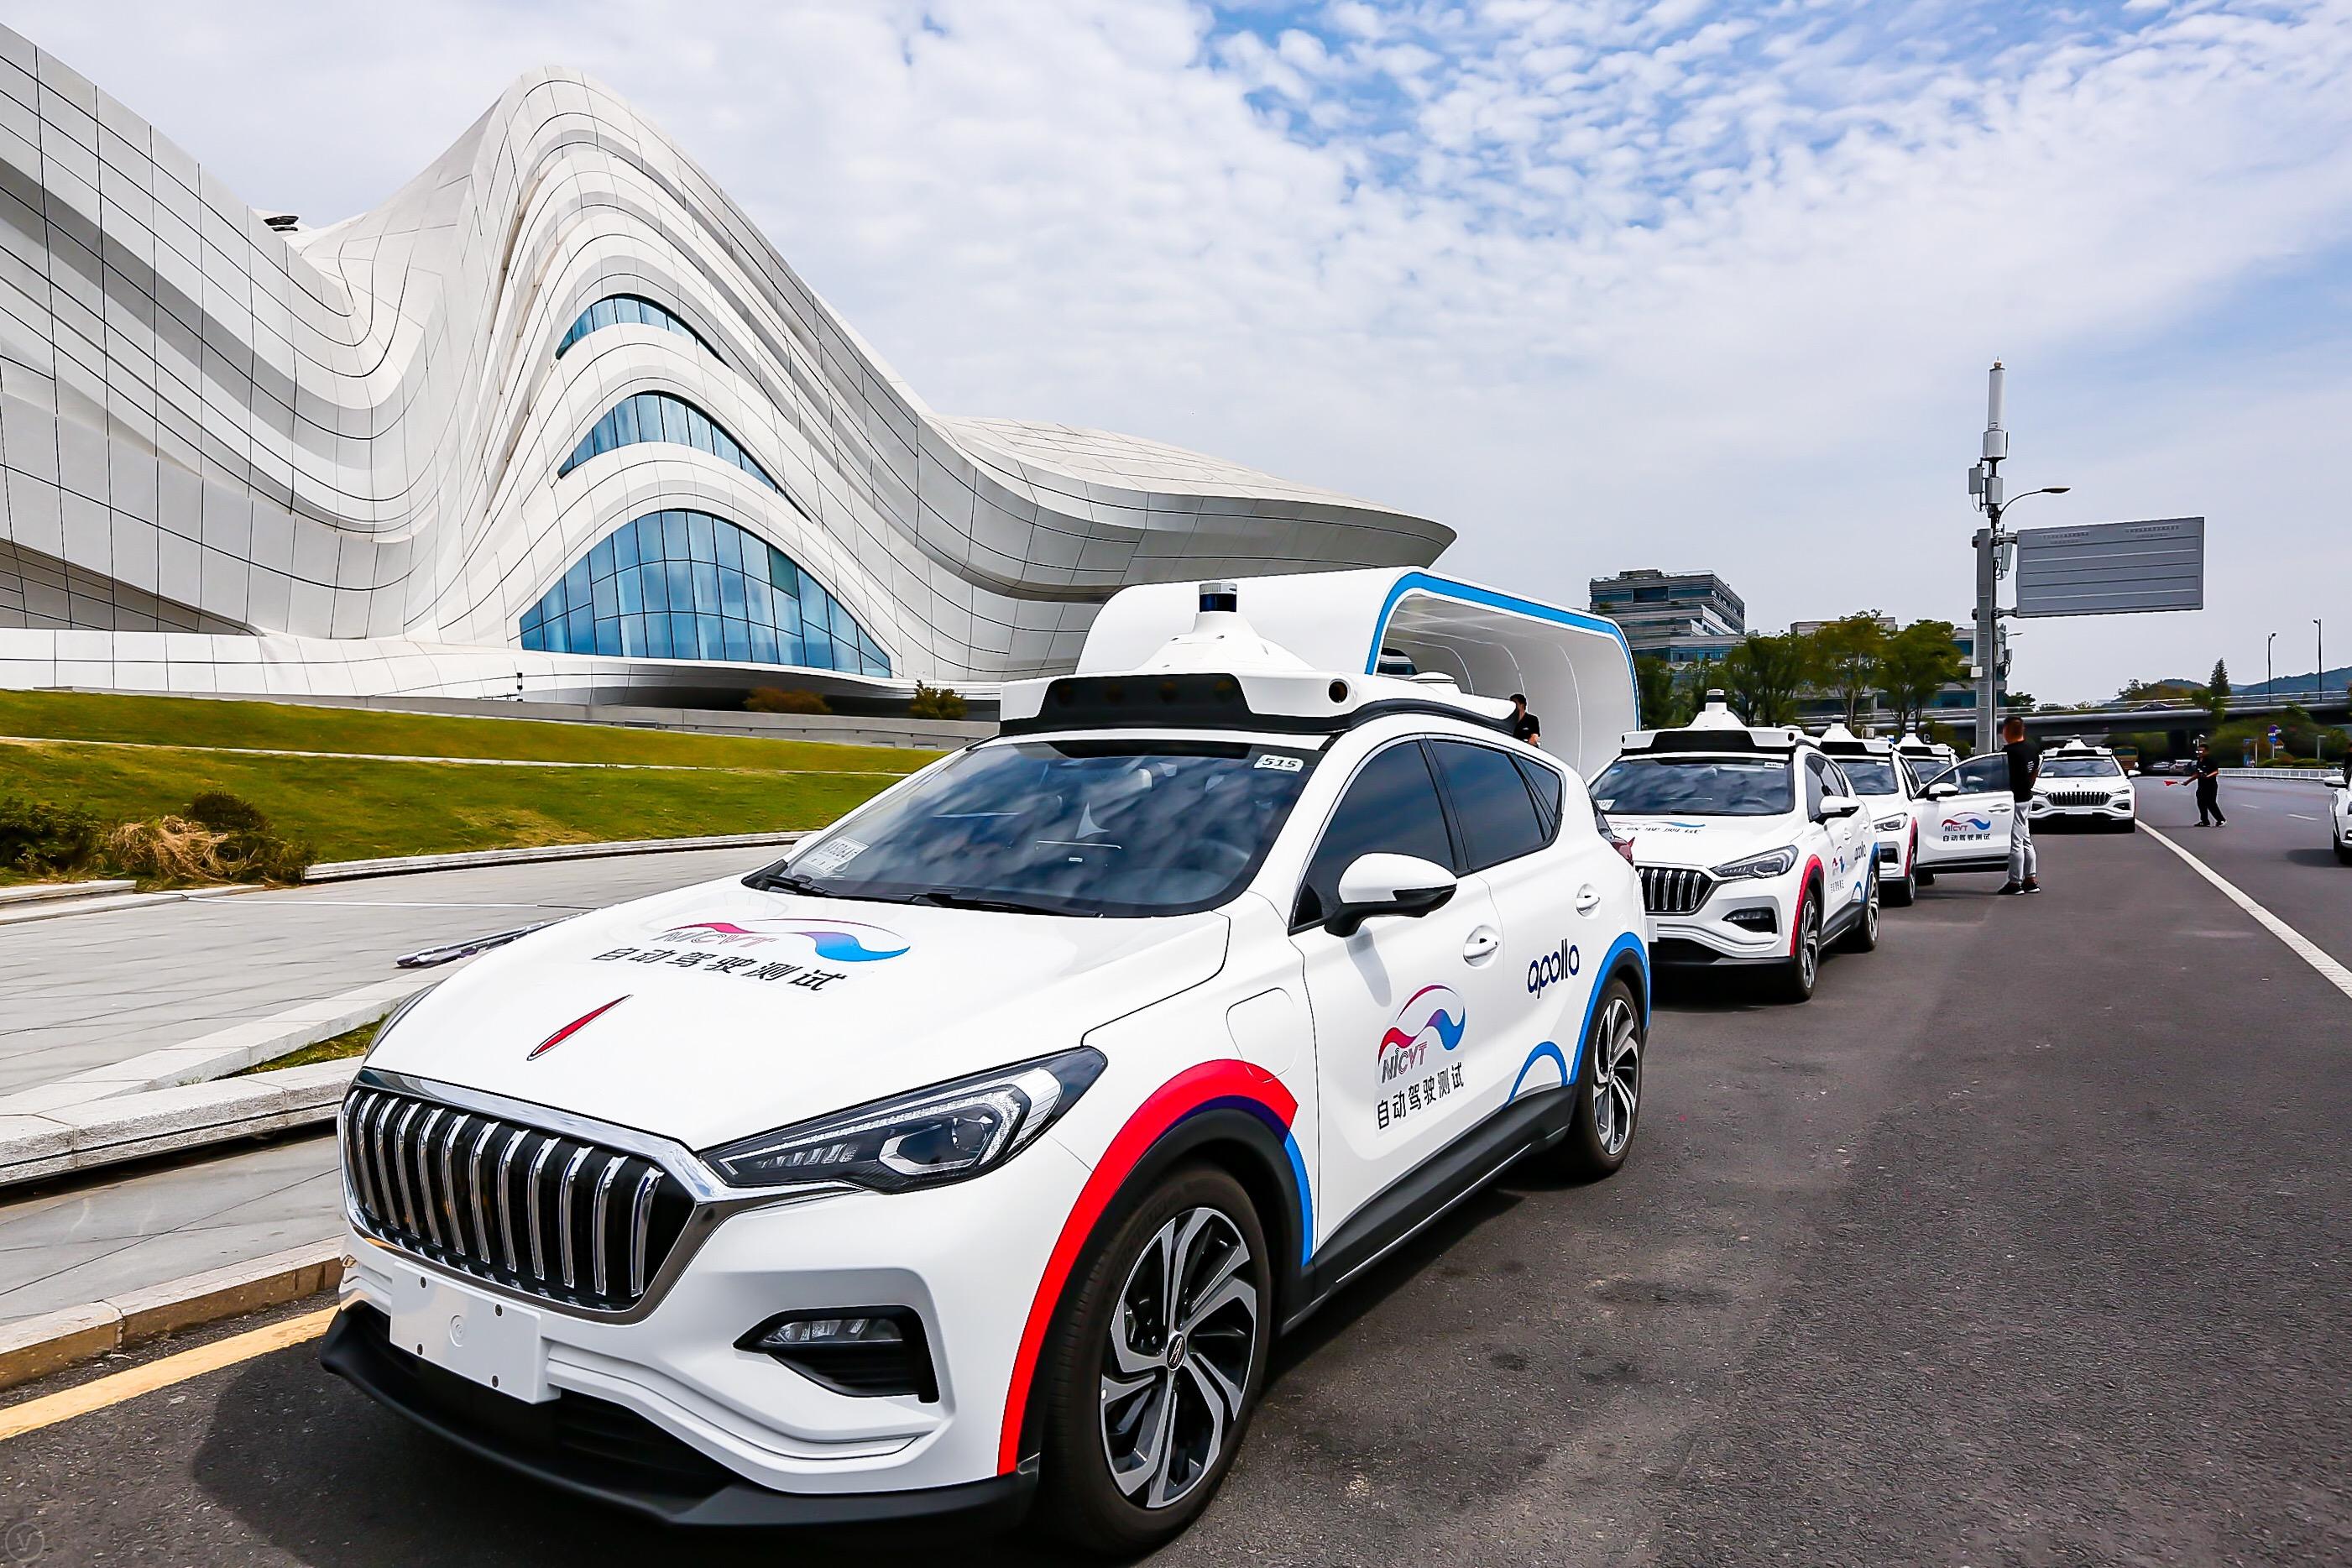 百度试运营面向民众的Robotaxi,与长沙加速打造无人驾驶之城